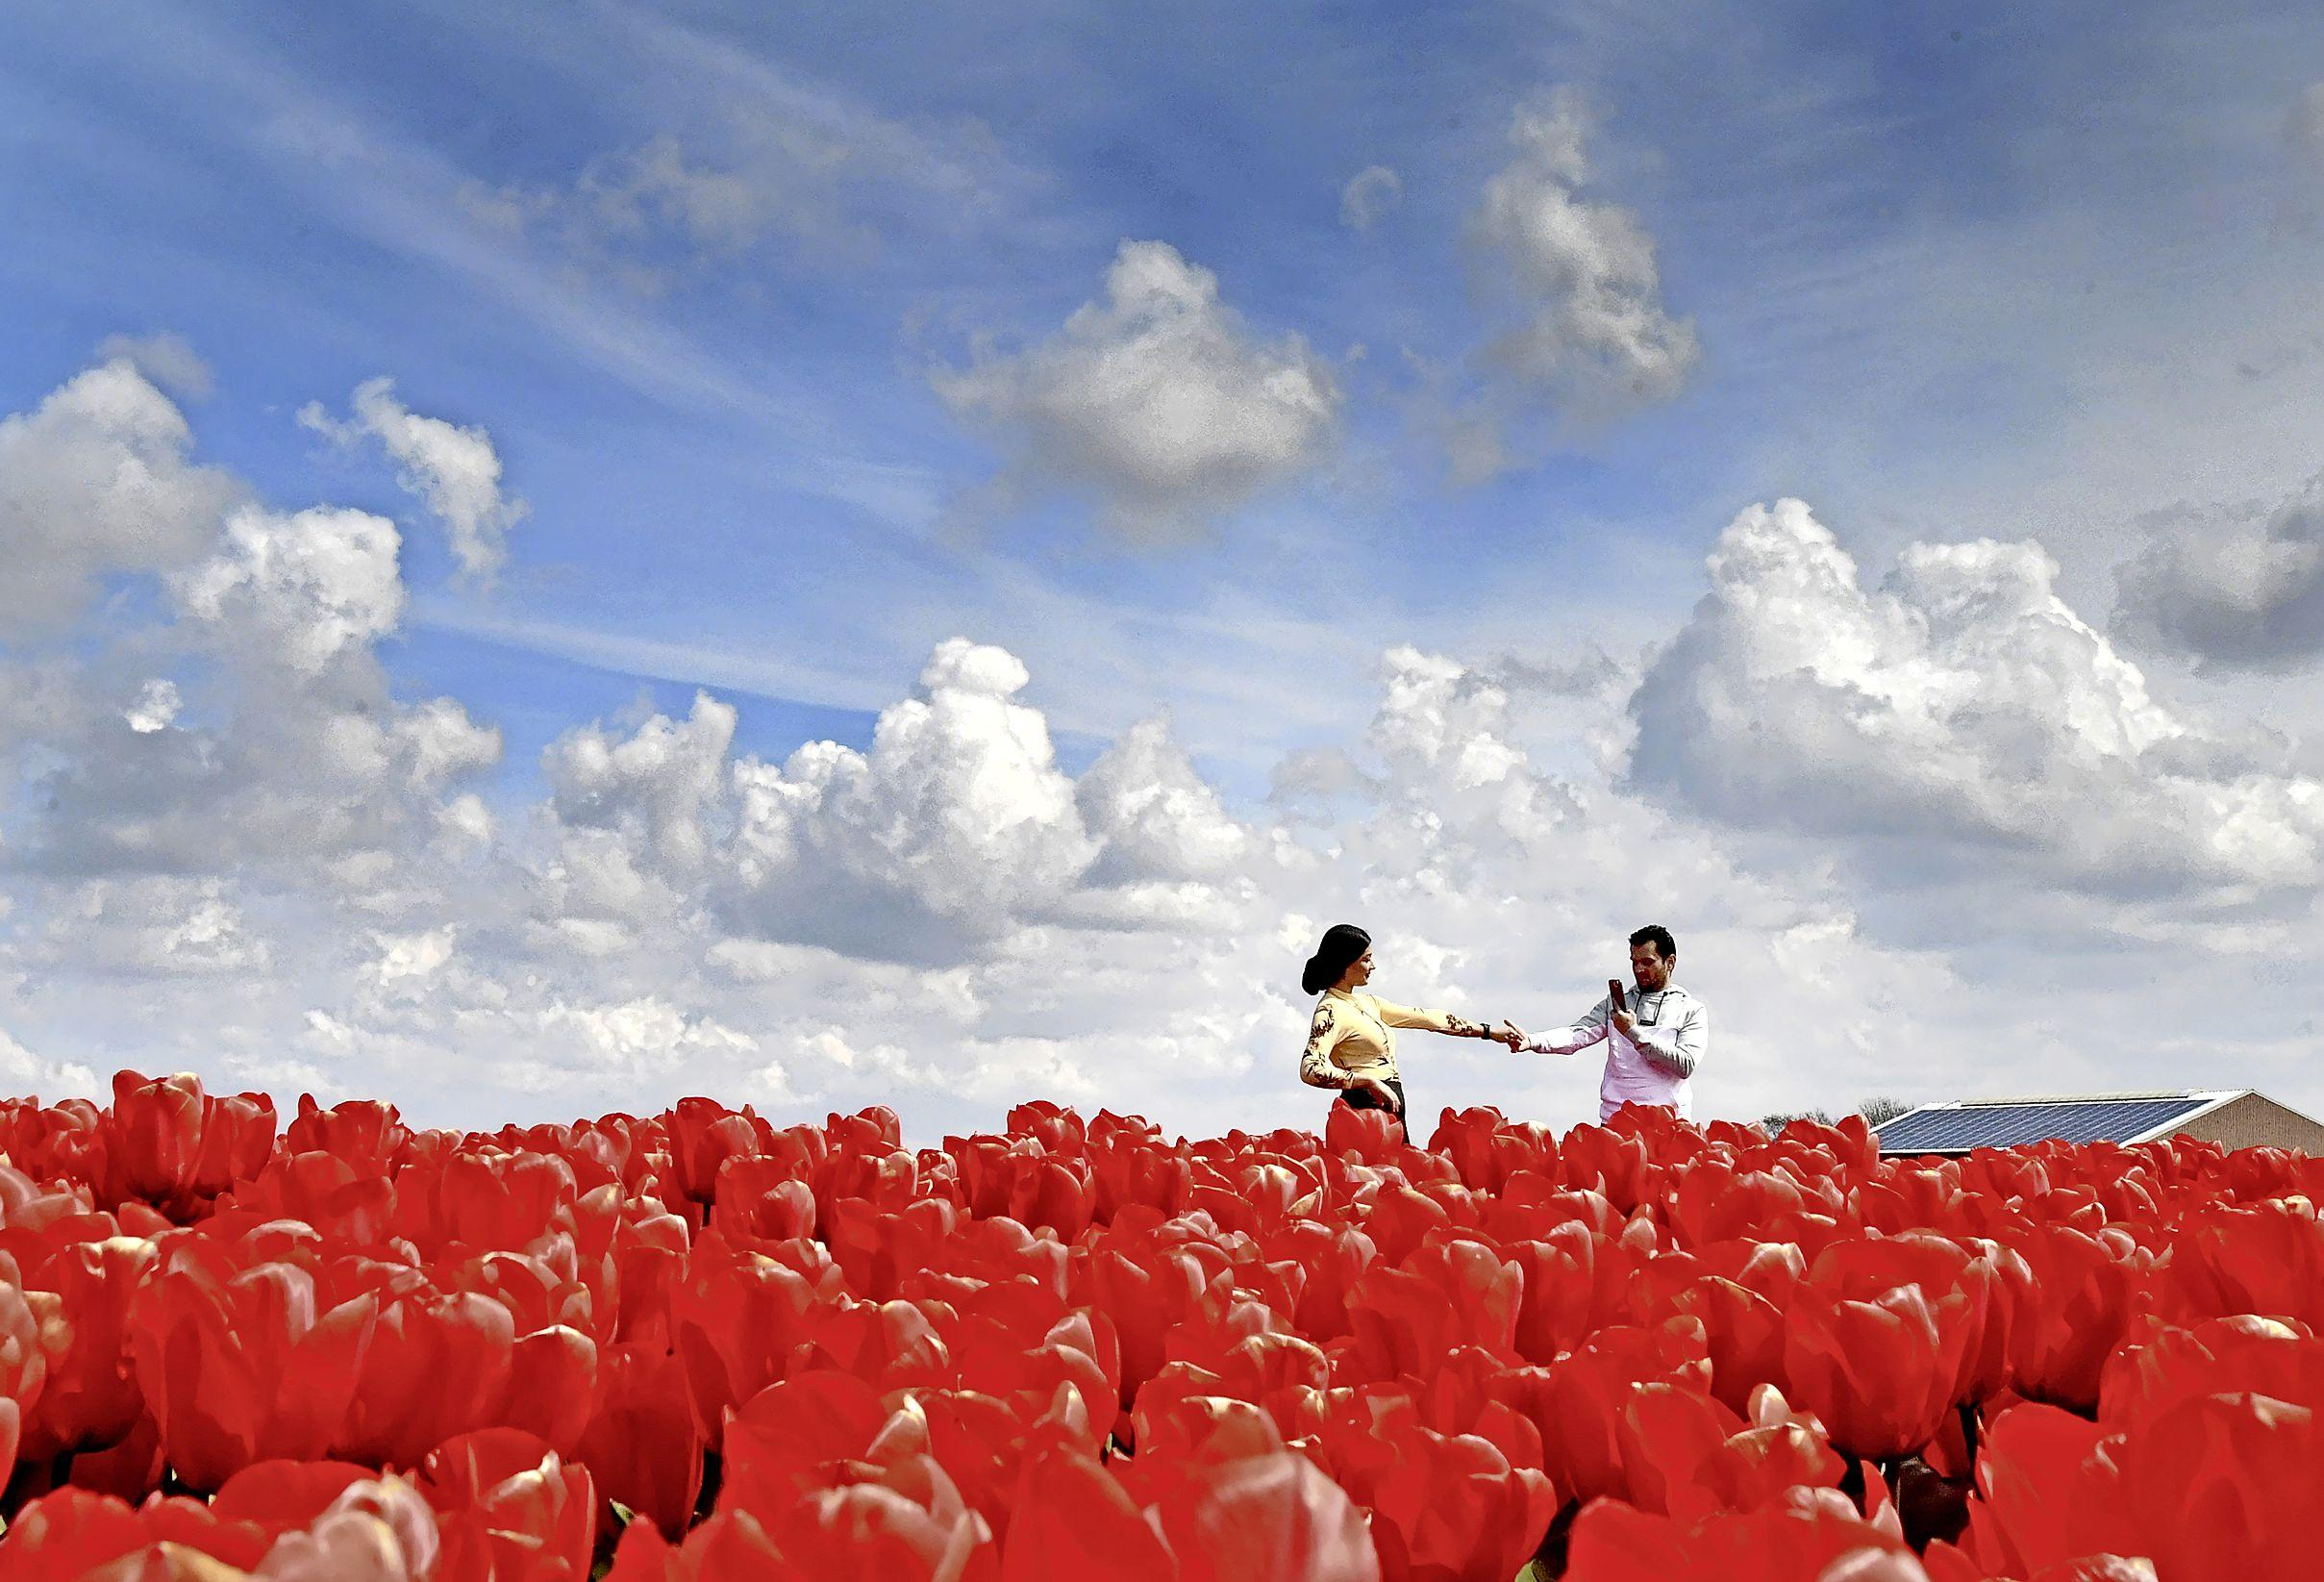 De romantiek spat ervan af. Rood tulpenveld is fabelachtig decor voor verliefd stel